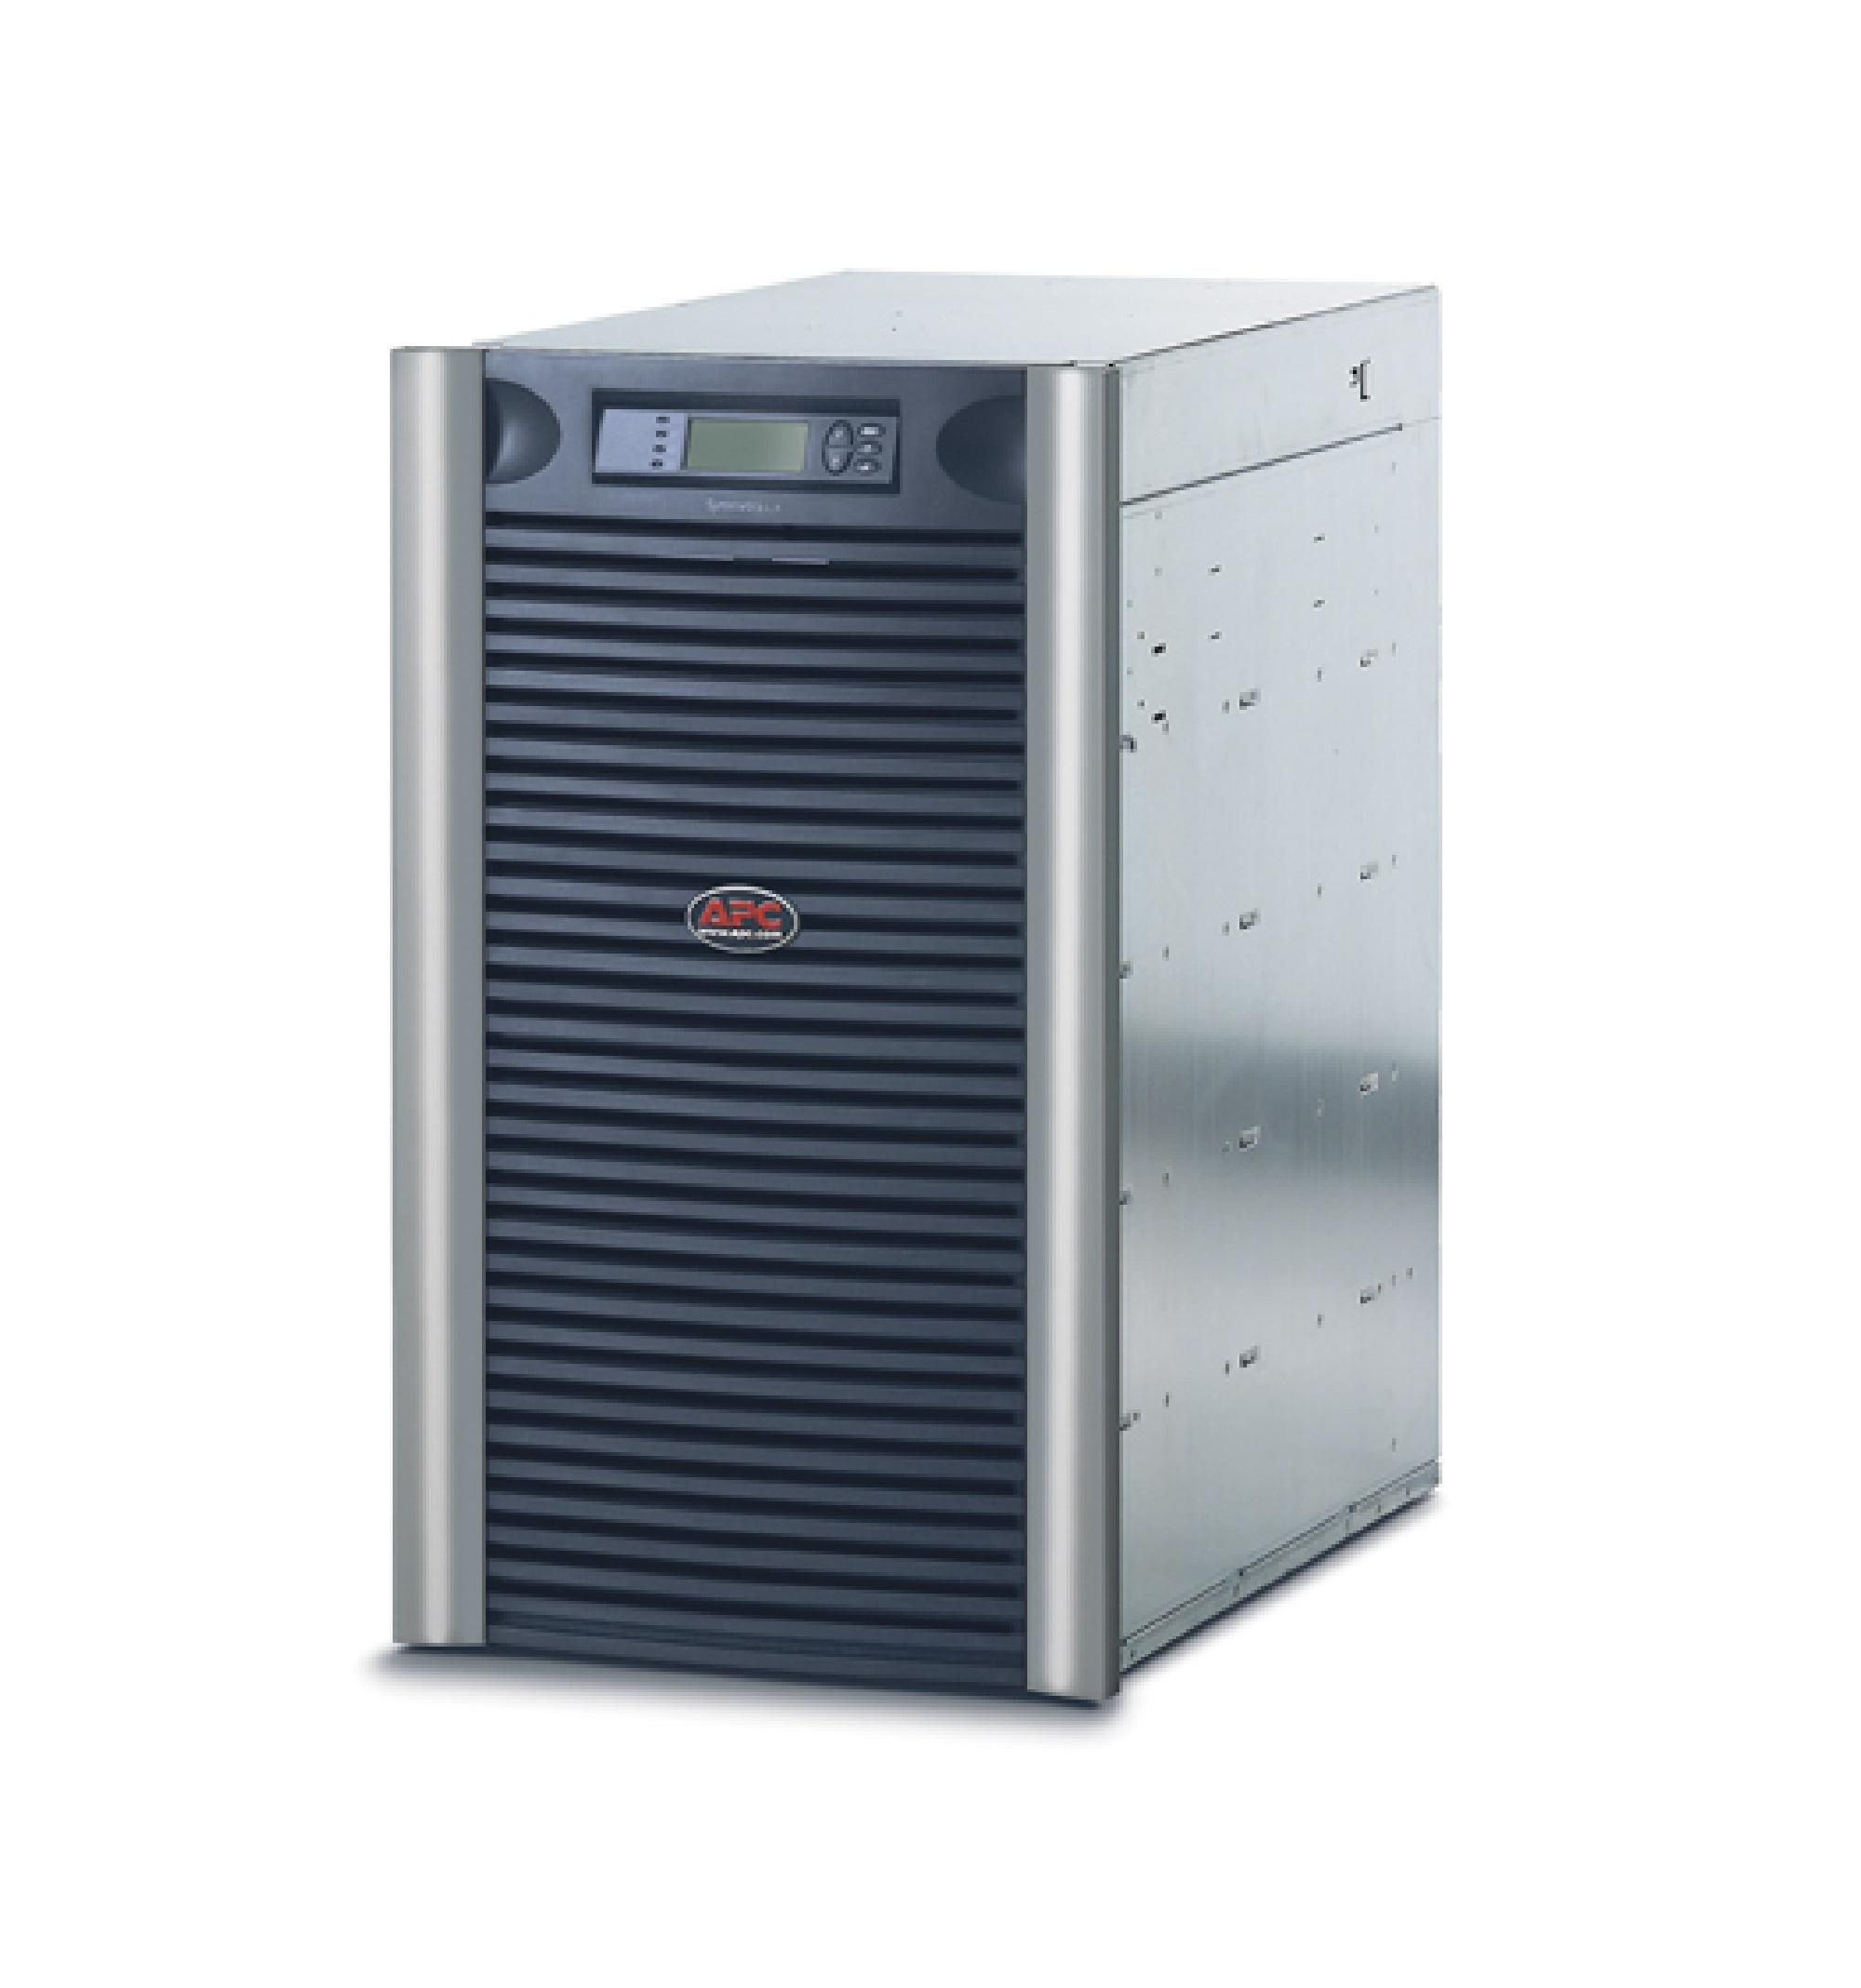 Symmetra LX da APC, 8 kVA escalável a 16 kVA, N+1 para rack, 208/240 V